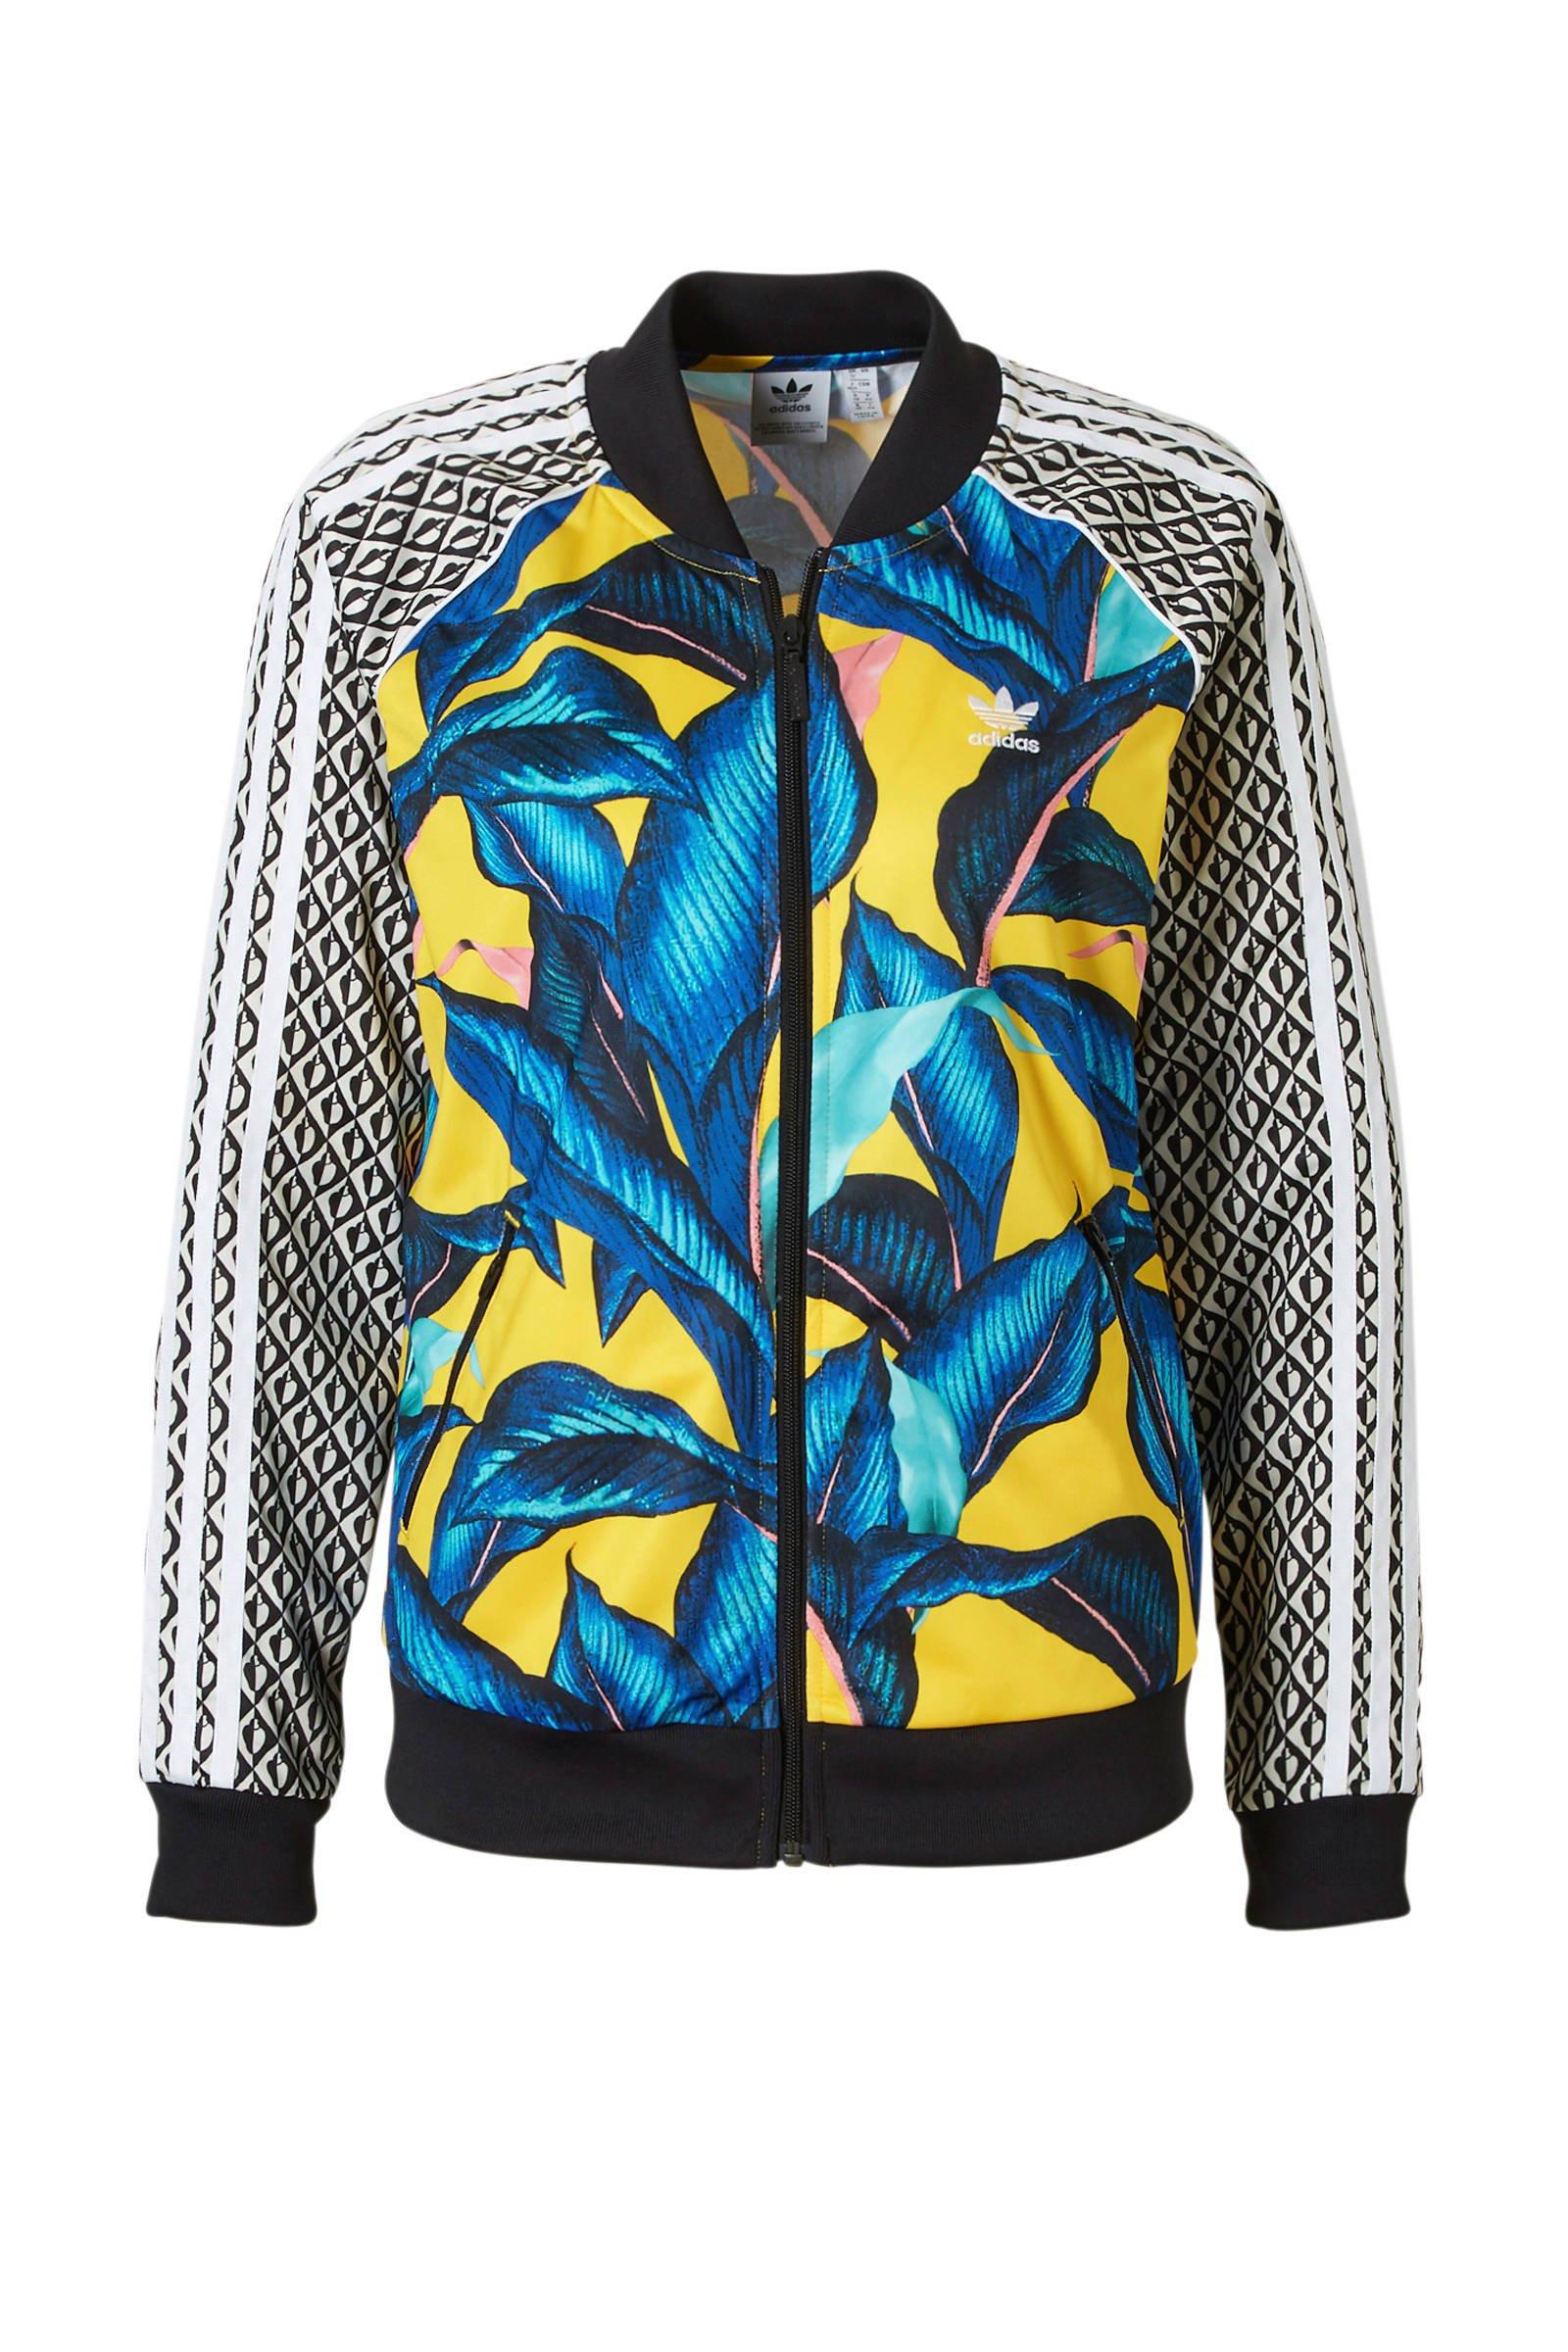 f24c5b30c88 adidas originals vest met all over print geel/blauw | wehkamp